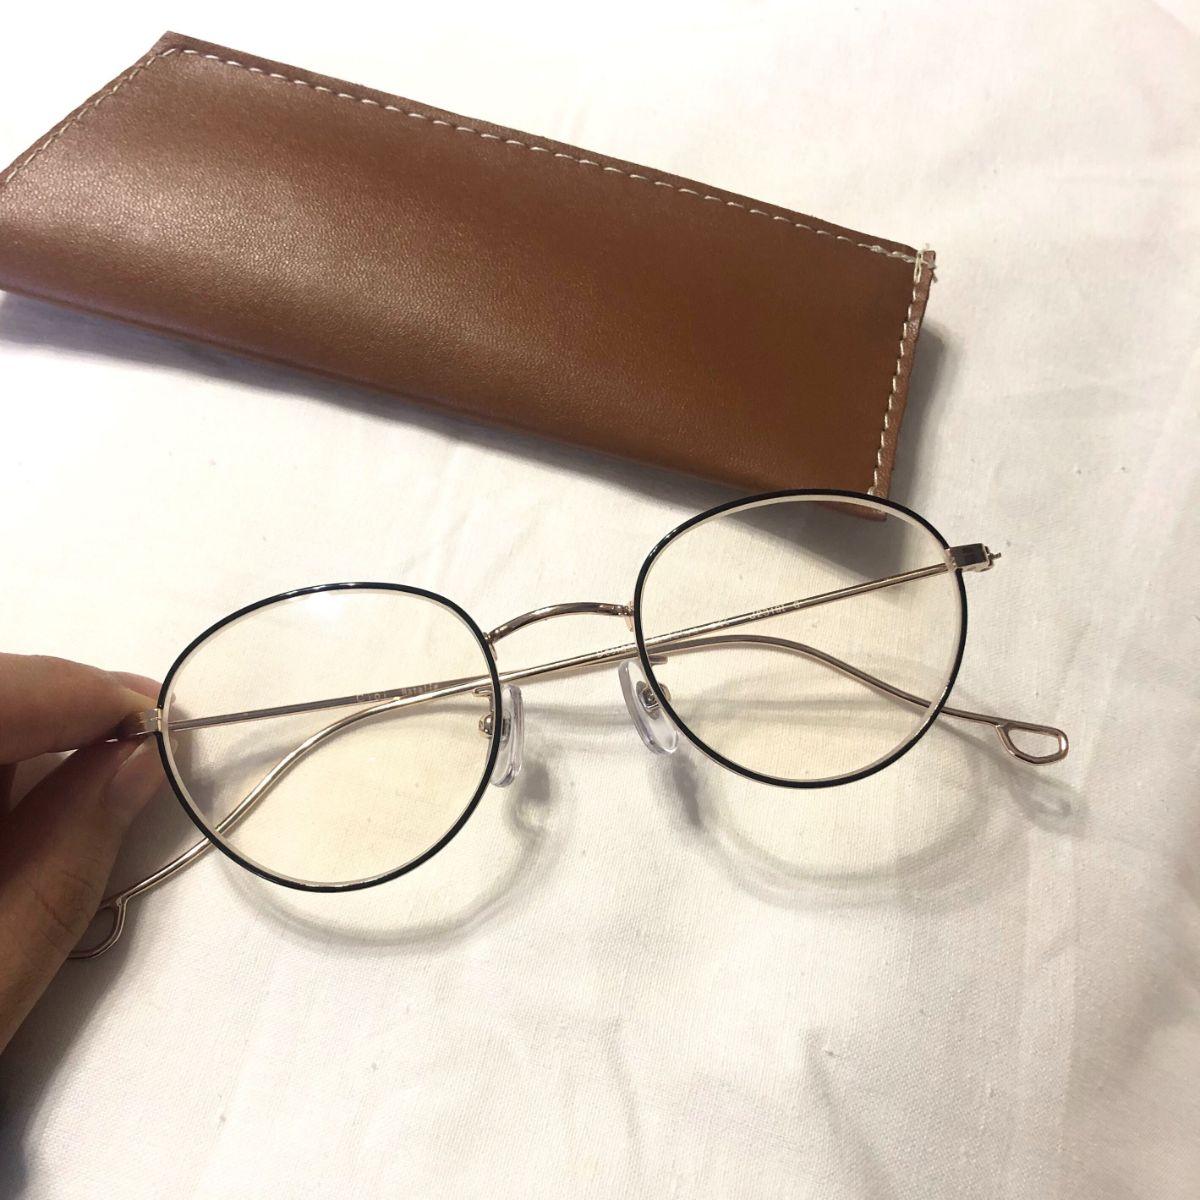 """こんなにかわいい「ブルーライトカットメガネ」知らなかった!被らずにおしゃれに決まるブランド""""Ciqi""""をご紹介"""